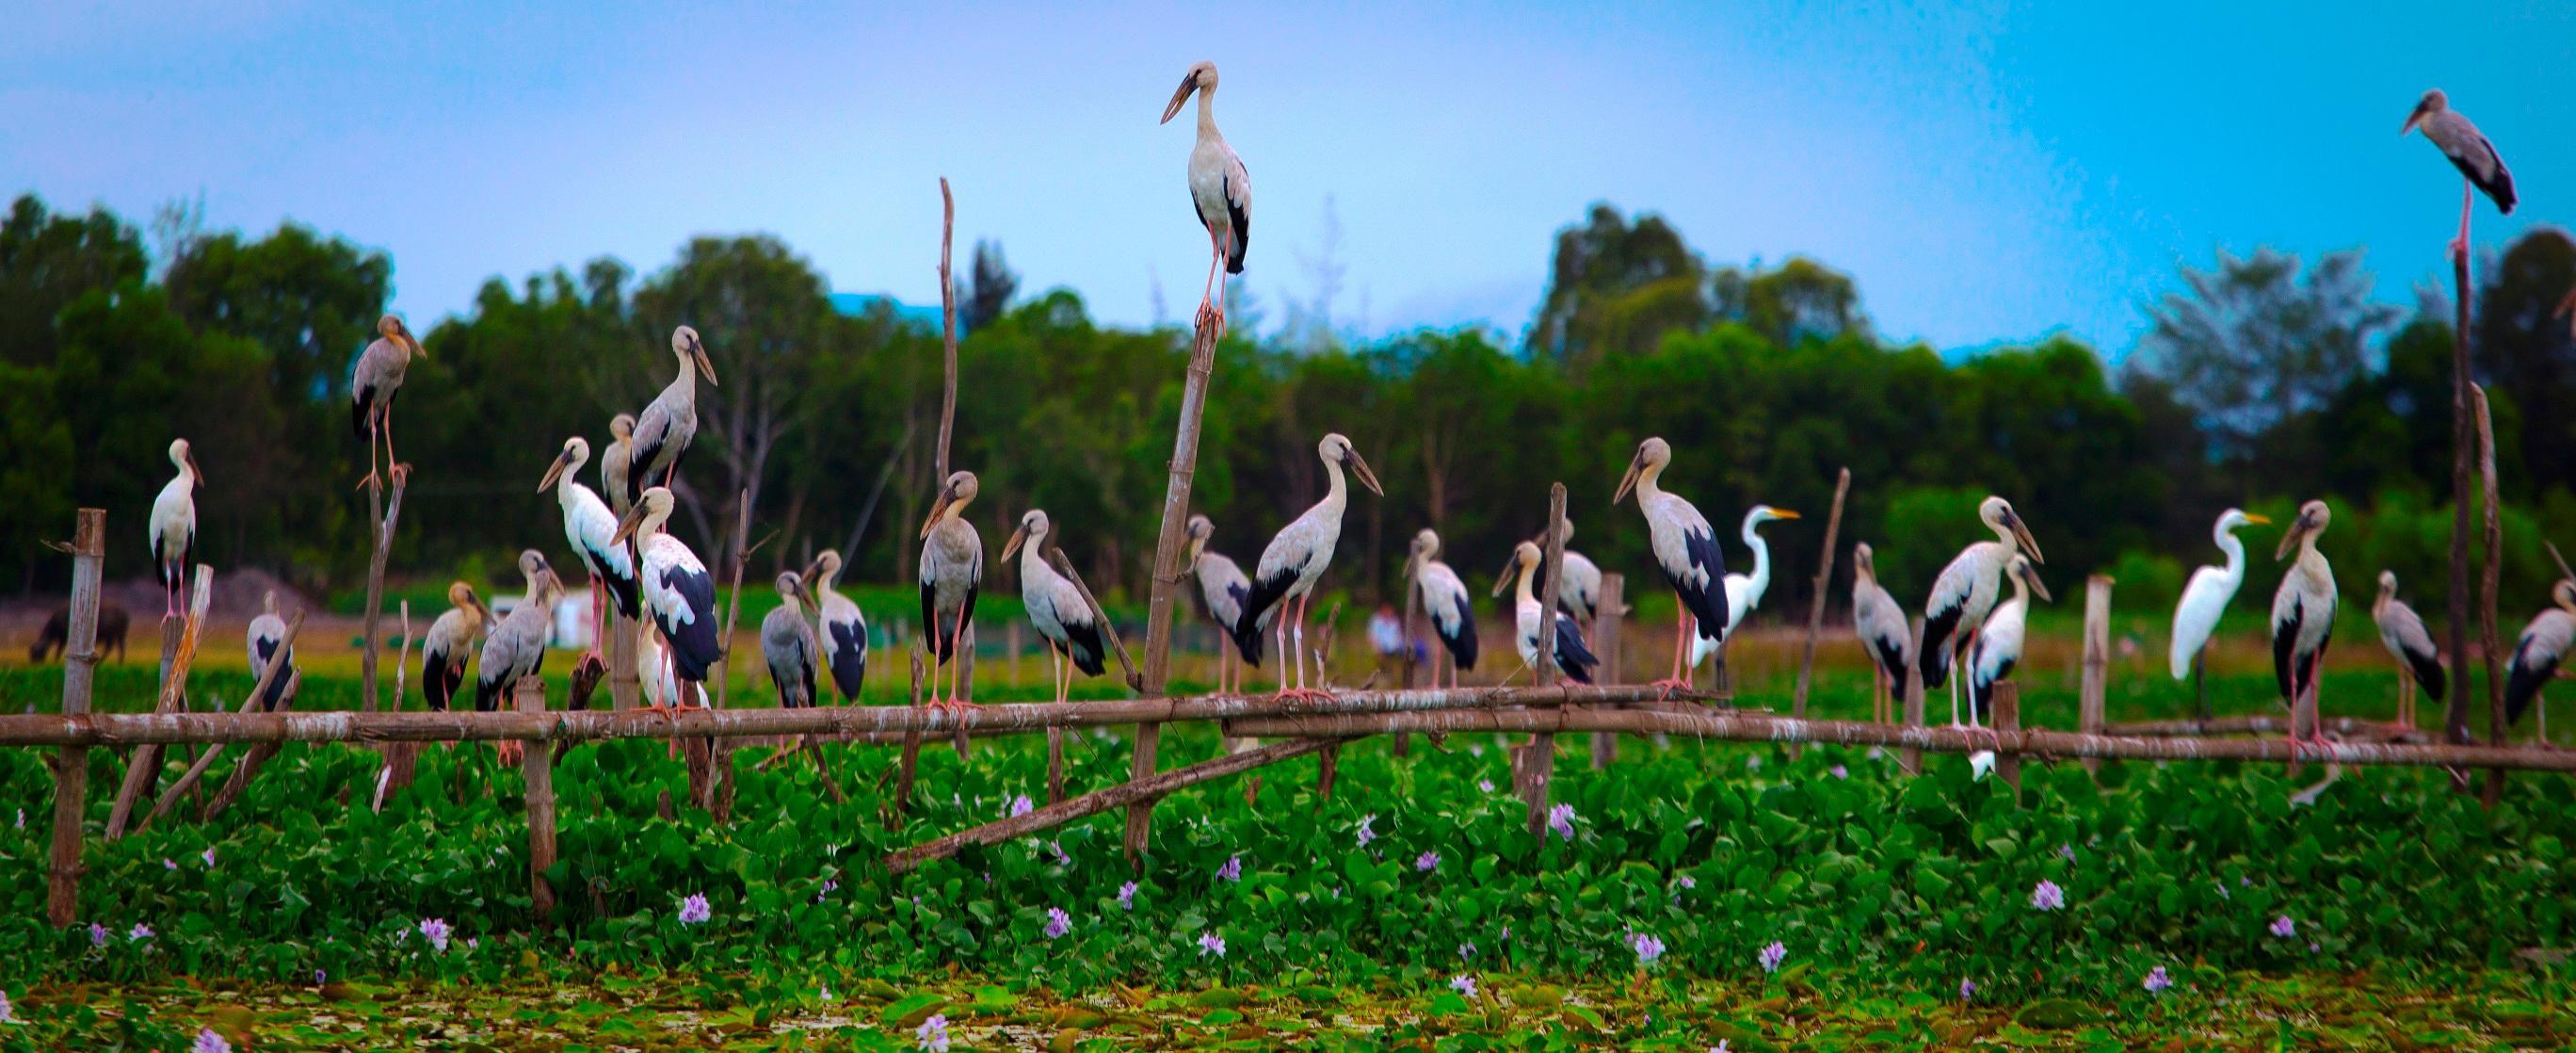 Chim cò di cư đậu kín sông Đầm Ảnh 5